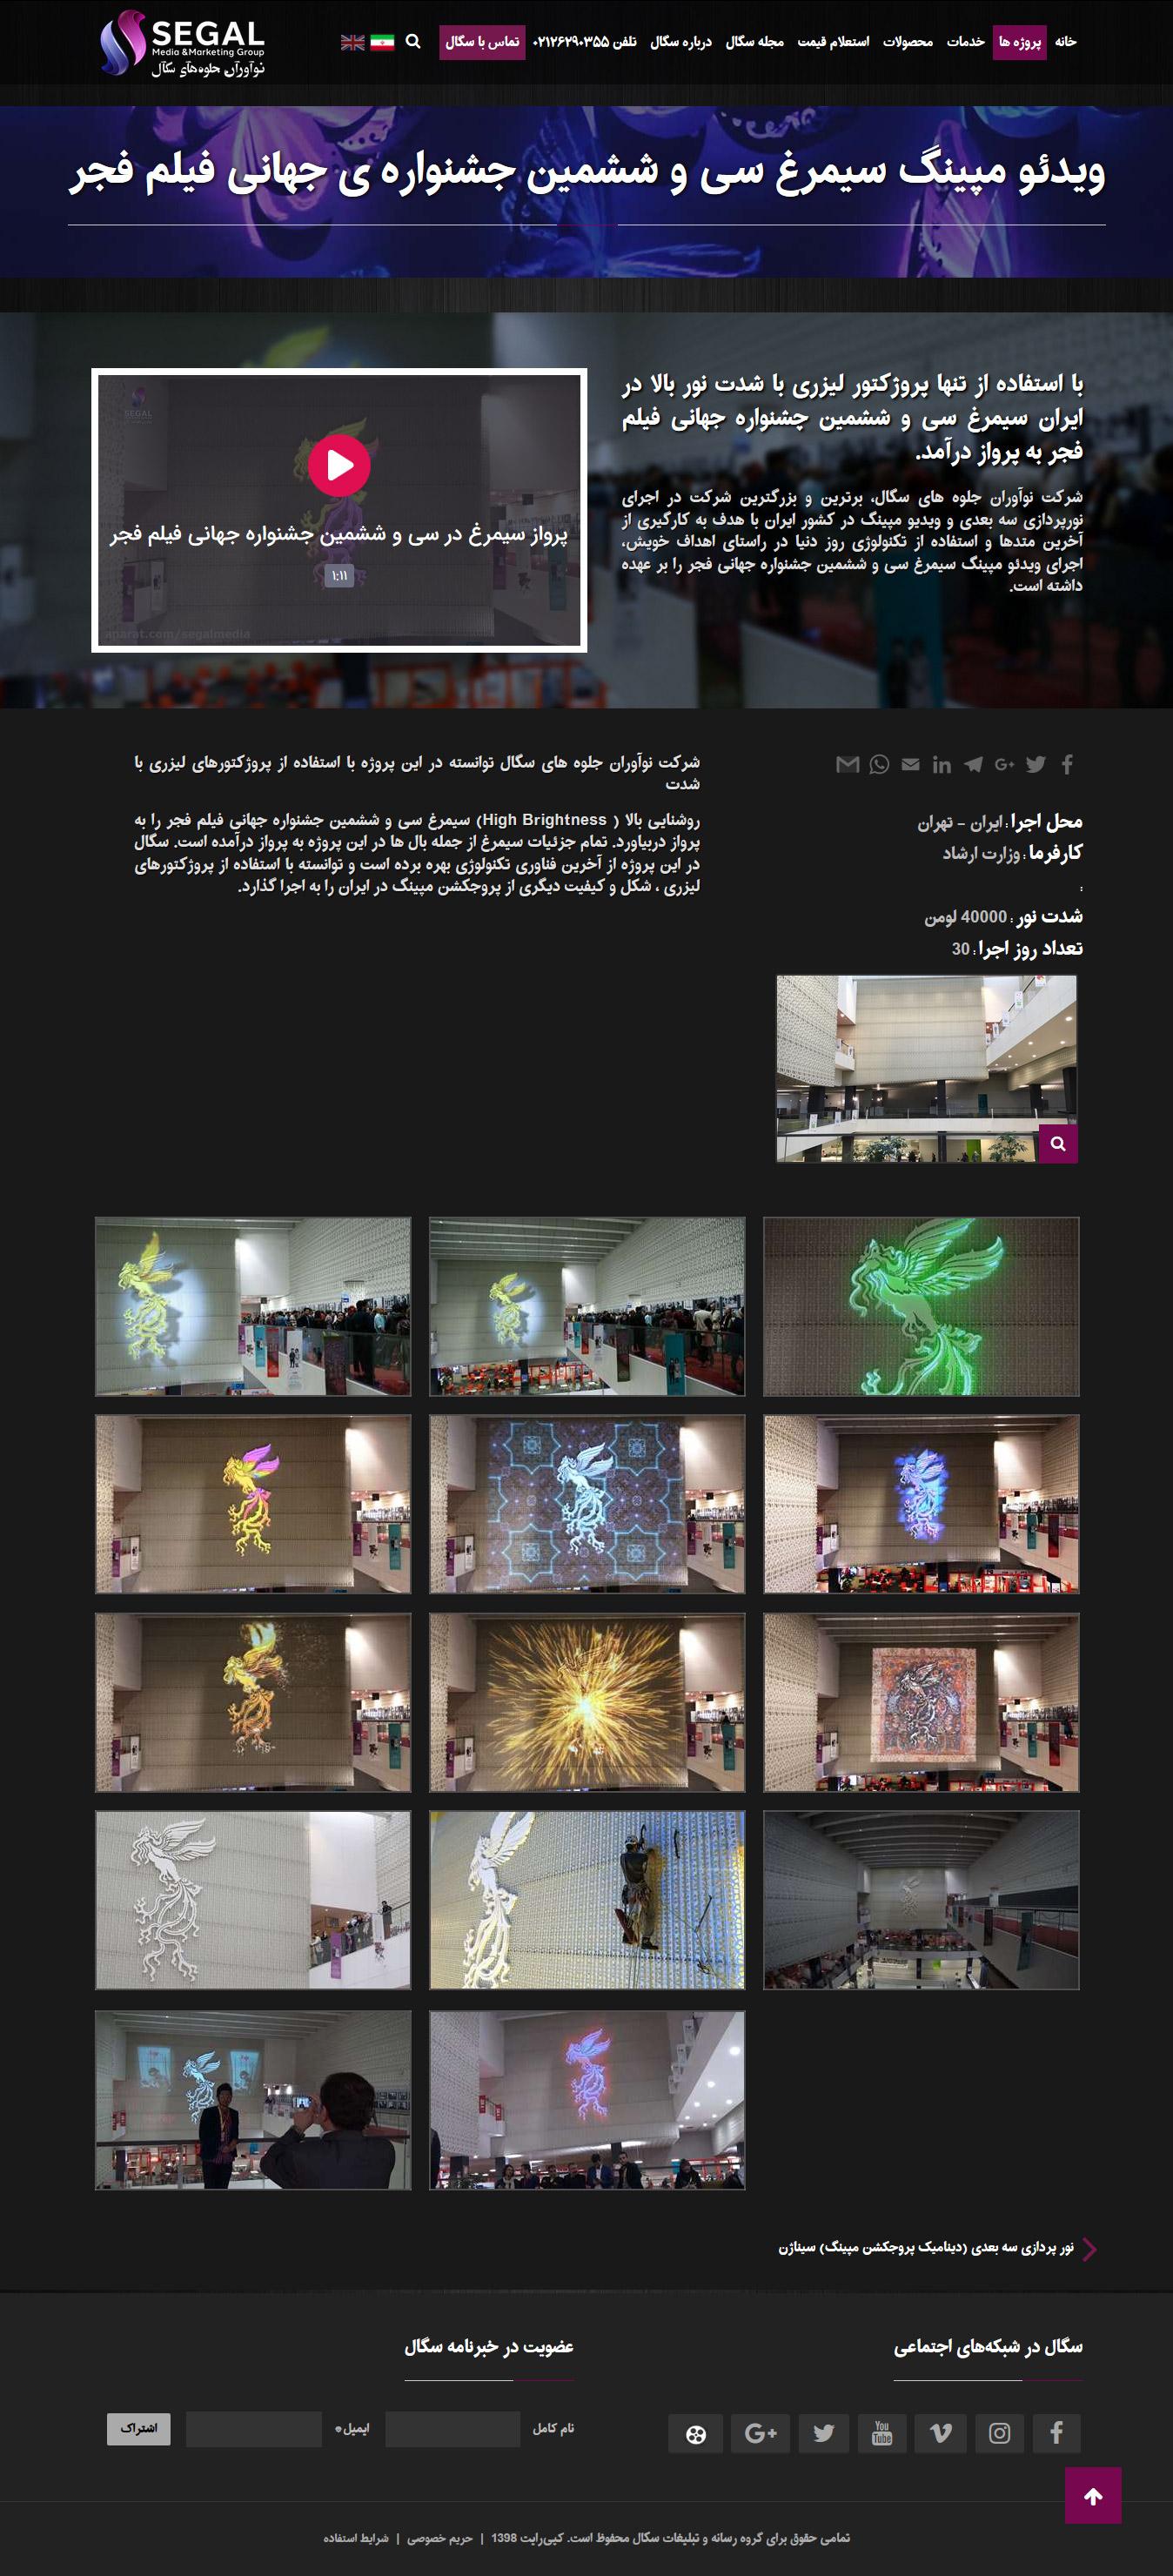 تصویری از صفحه معرفی پروژه اجرا شده وبسایت گروه رسانه سگال